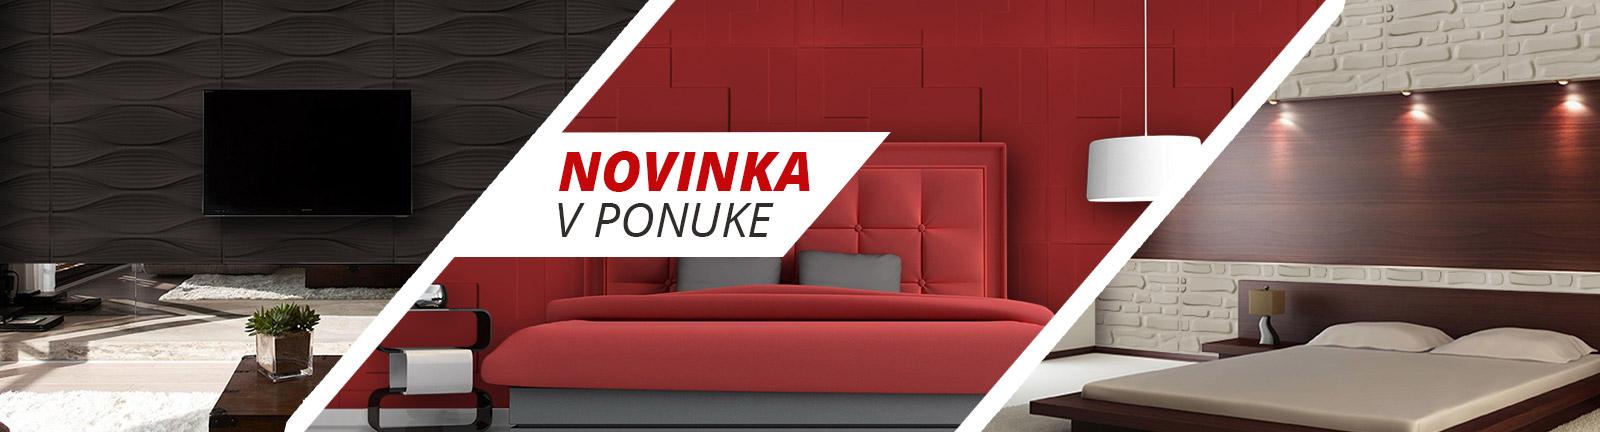 Hľadáme partnerov na obchodné zastúpenie v jednotlivých regiónoch na  Slovensku.